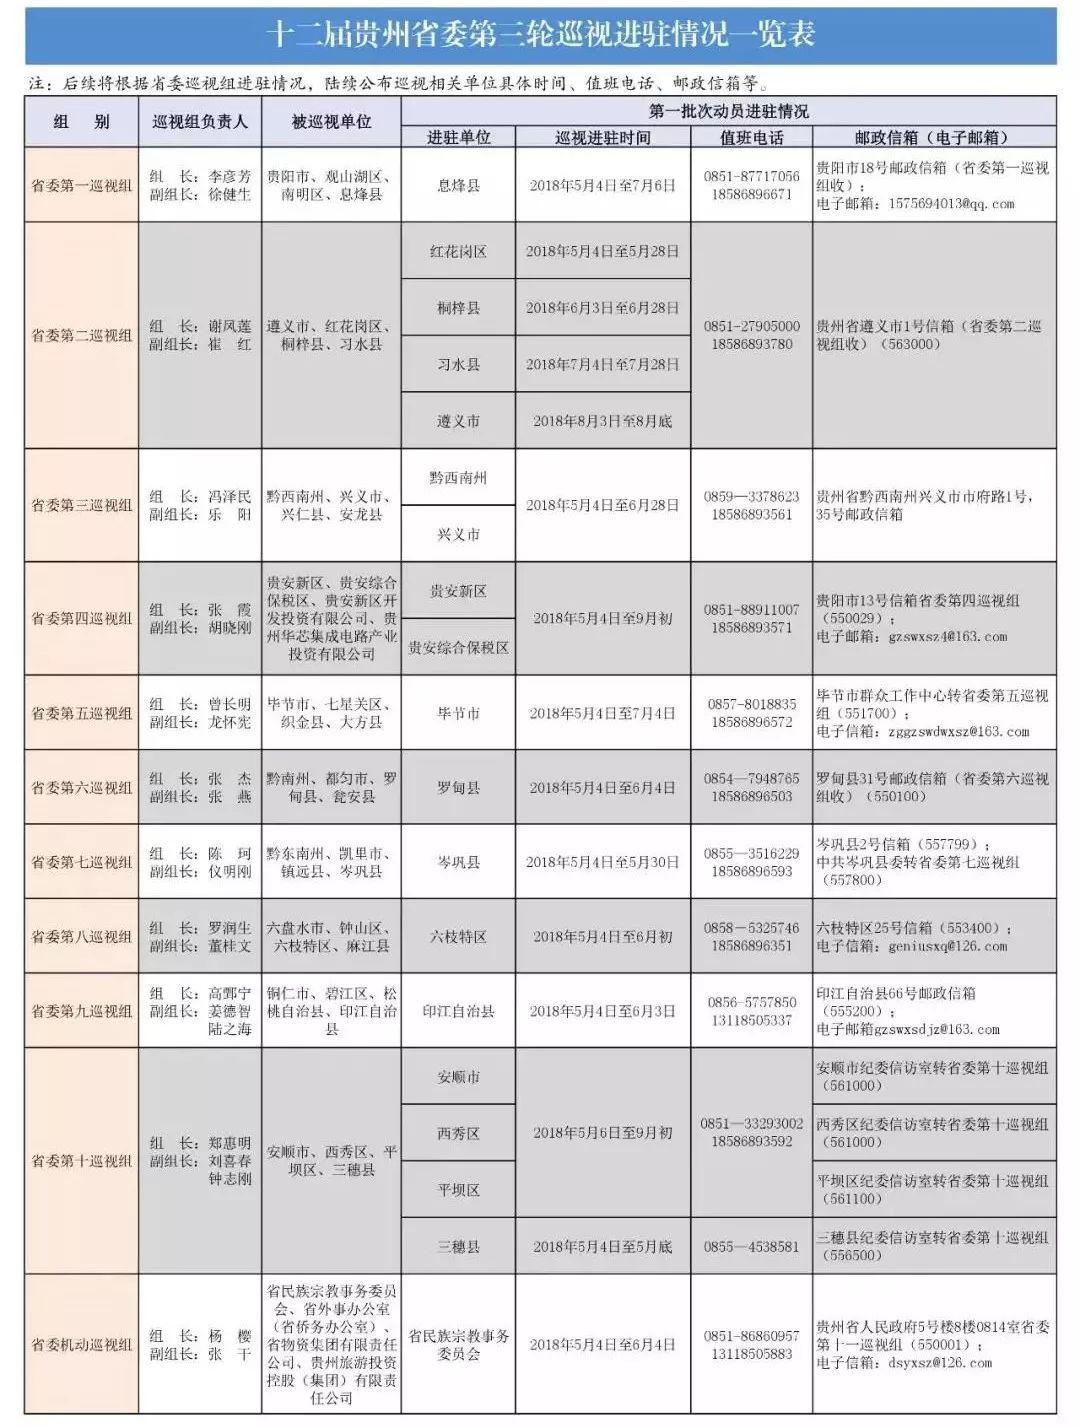 贵州省委第三轮巡视进驻44个单位地区,举报电